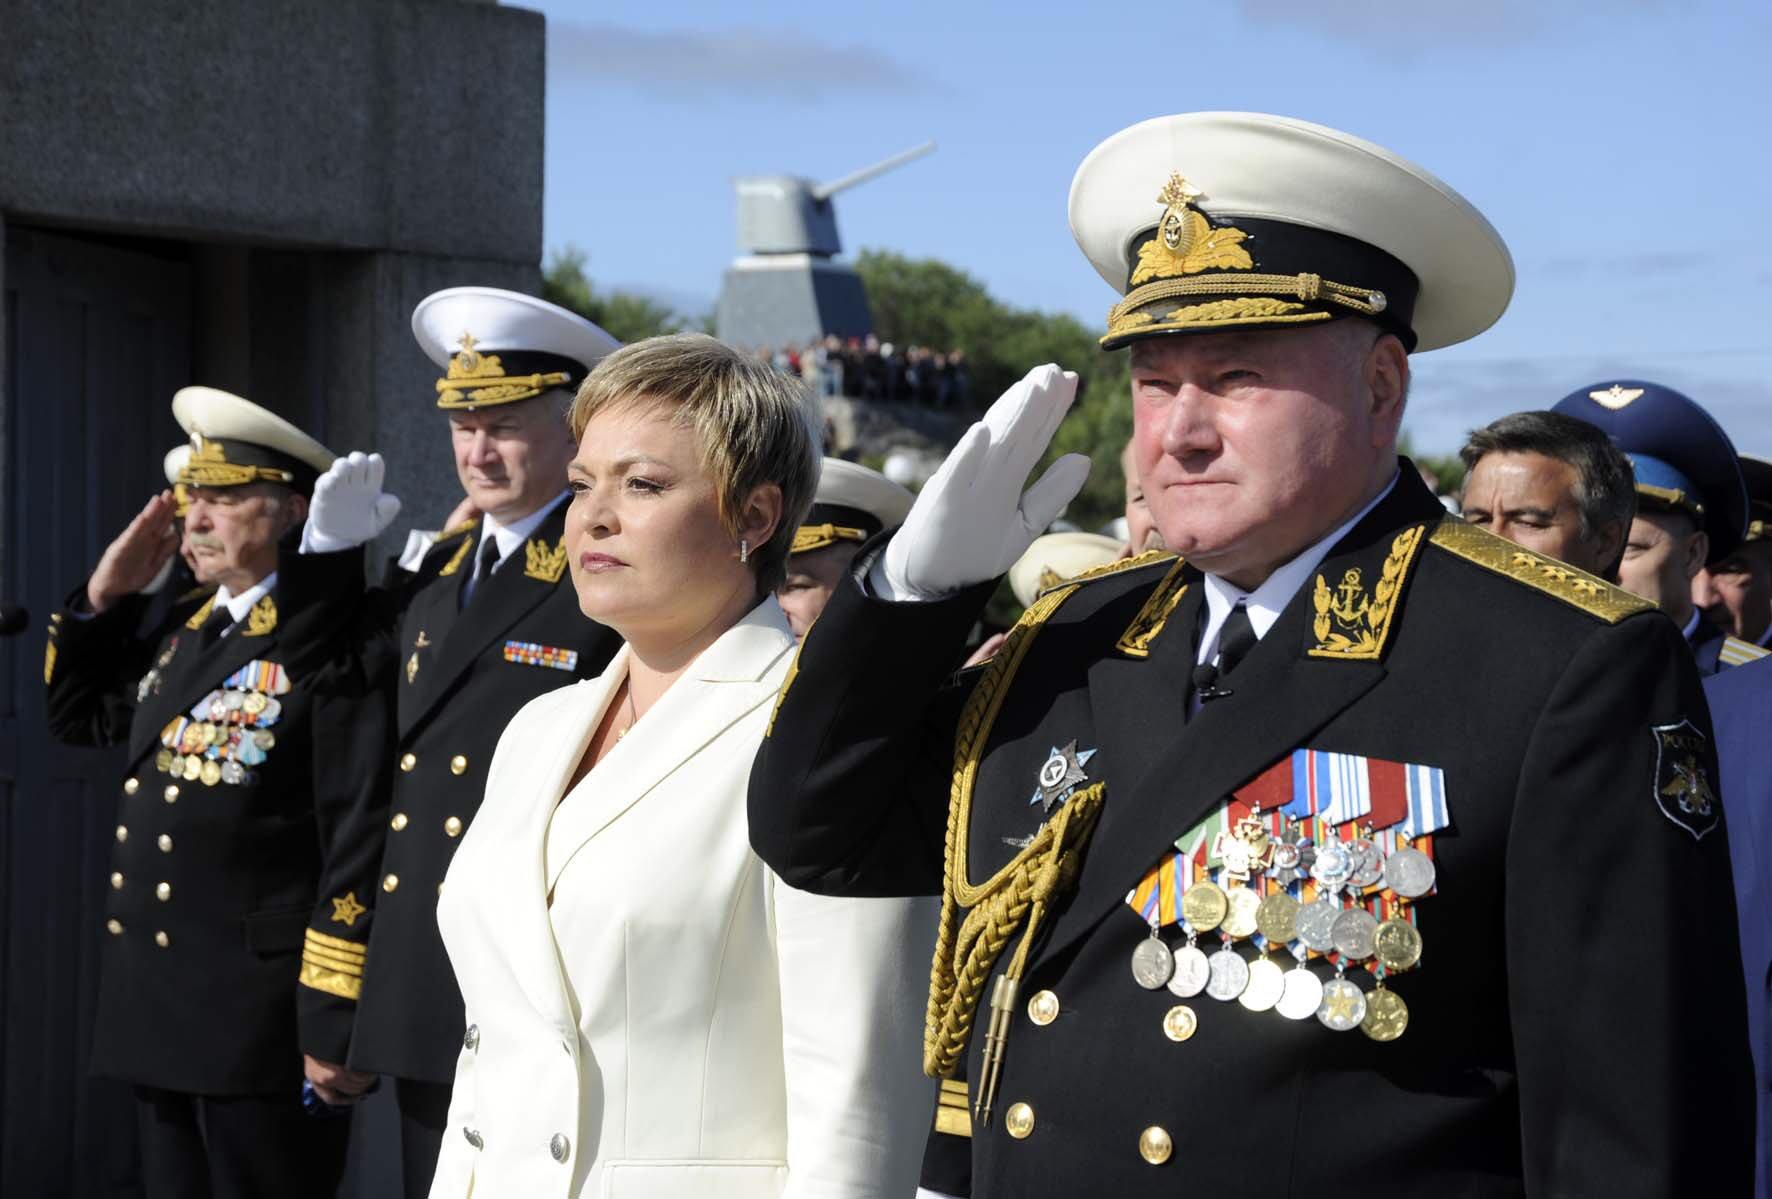 грешки поздравление контр адмиралу очень благодарны